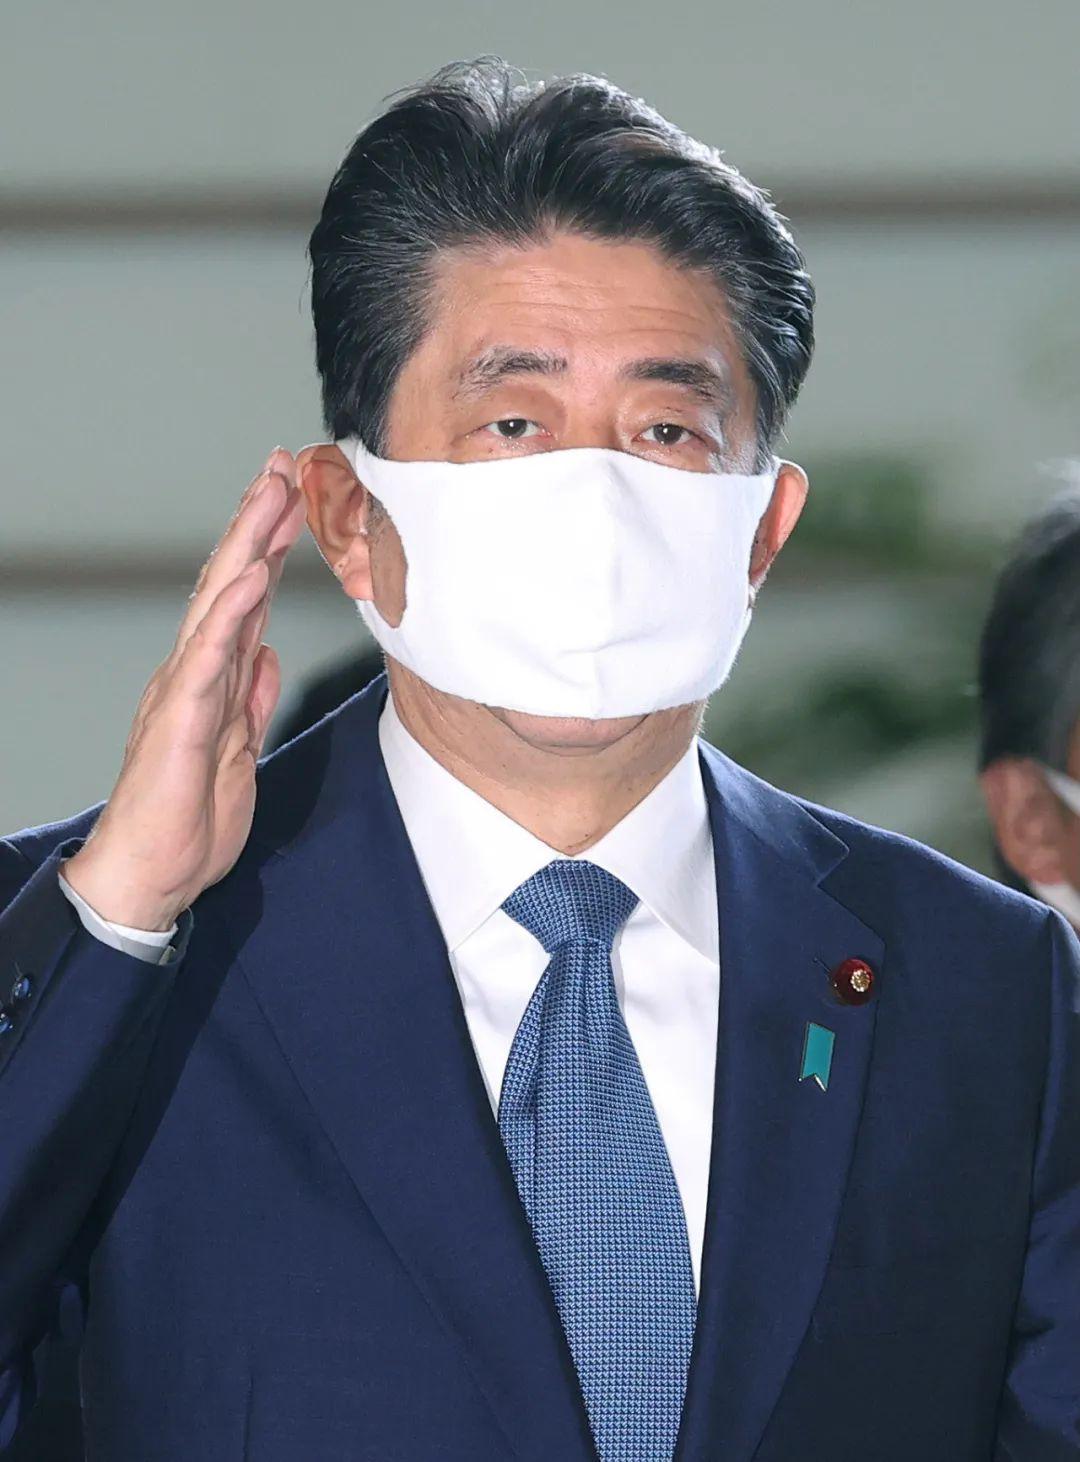 性 炎 大腸 首相 安倍 潰瘍